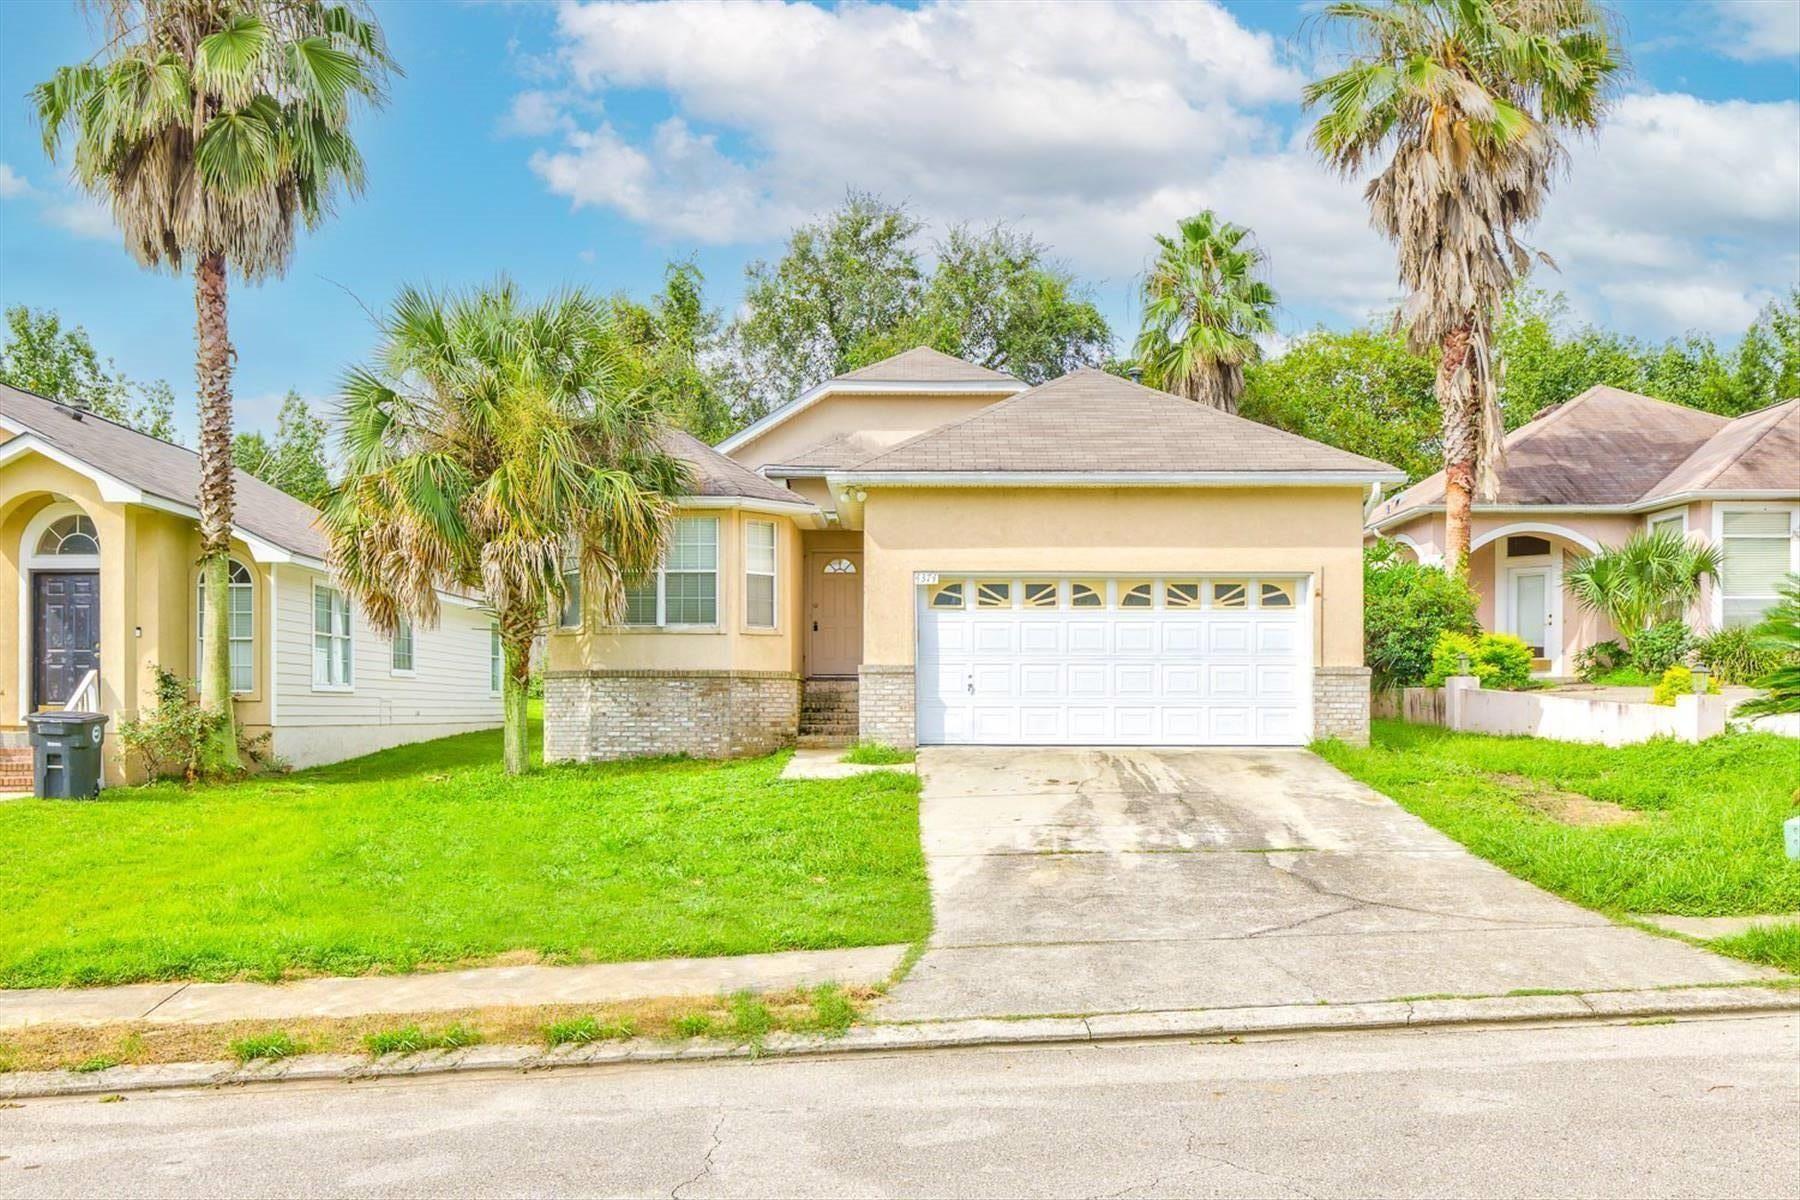 4374 Cool View Drive, Tallahassee, FL 32303 - MLS#: 336781